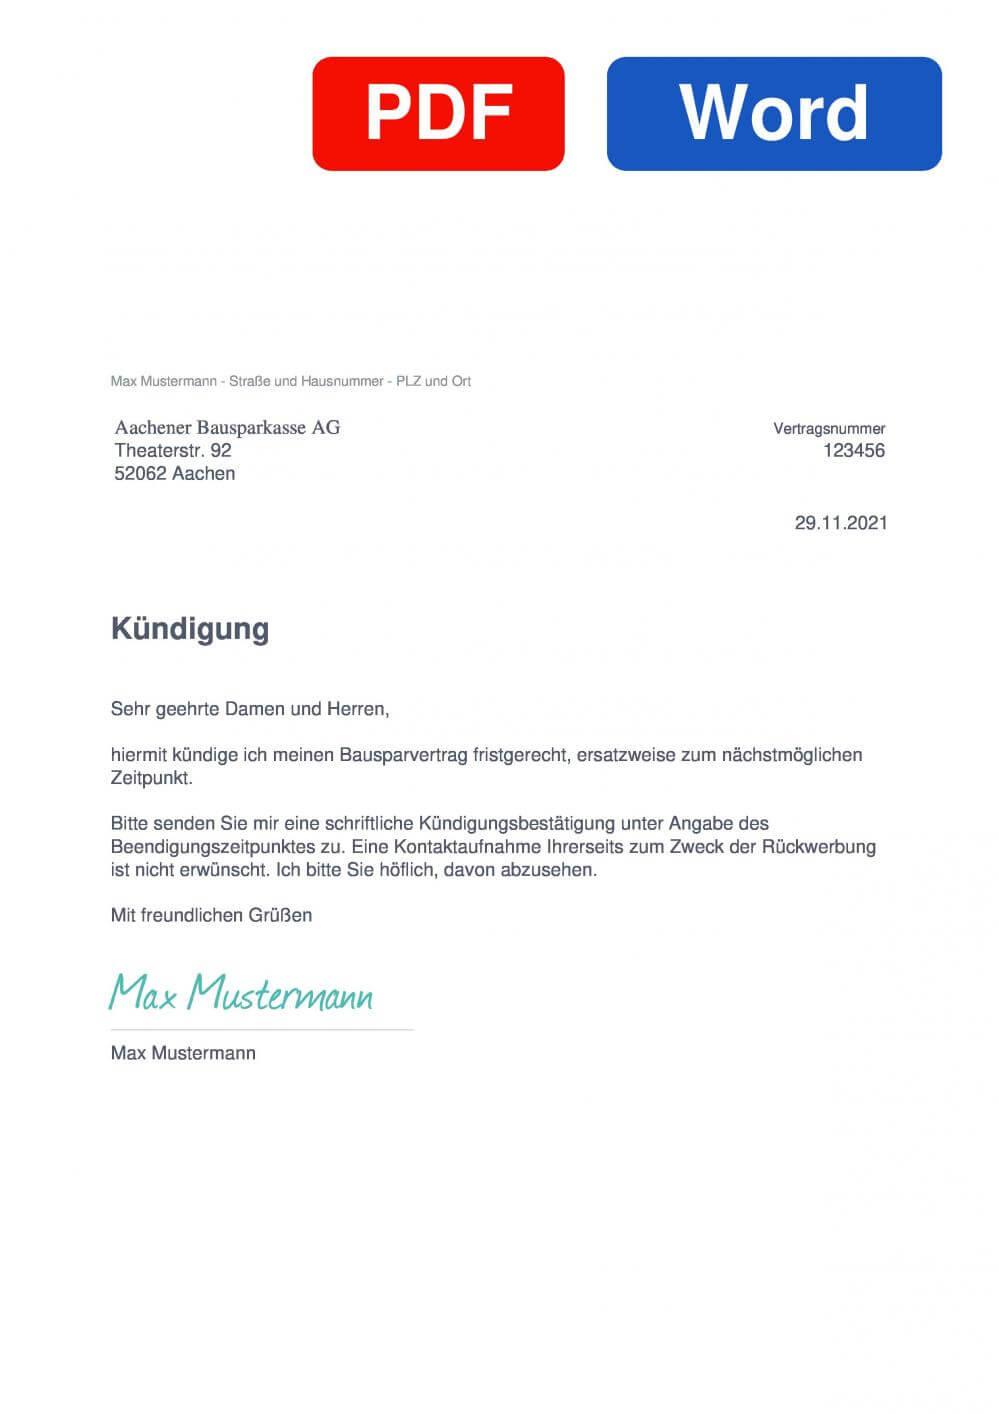 Aachener Bausparkasse Muster Vorlage für Kündigungsschreiben